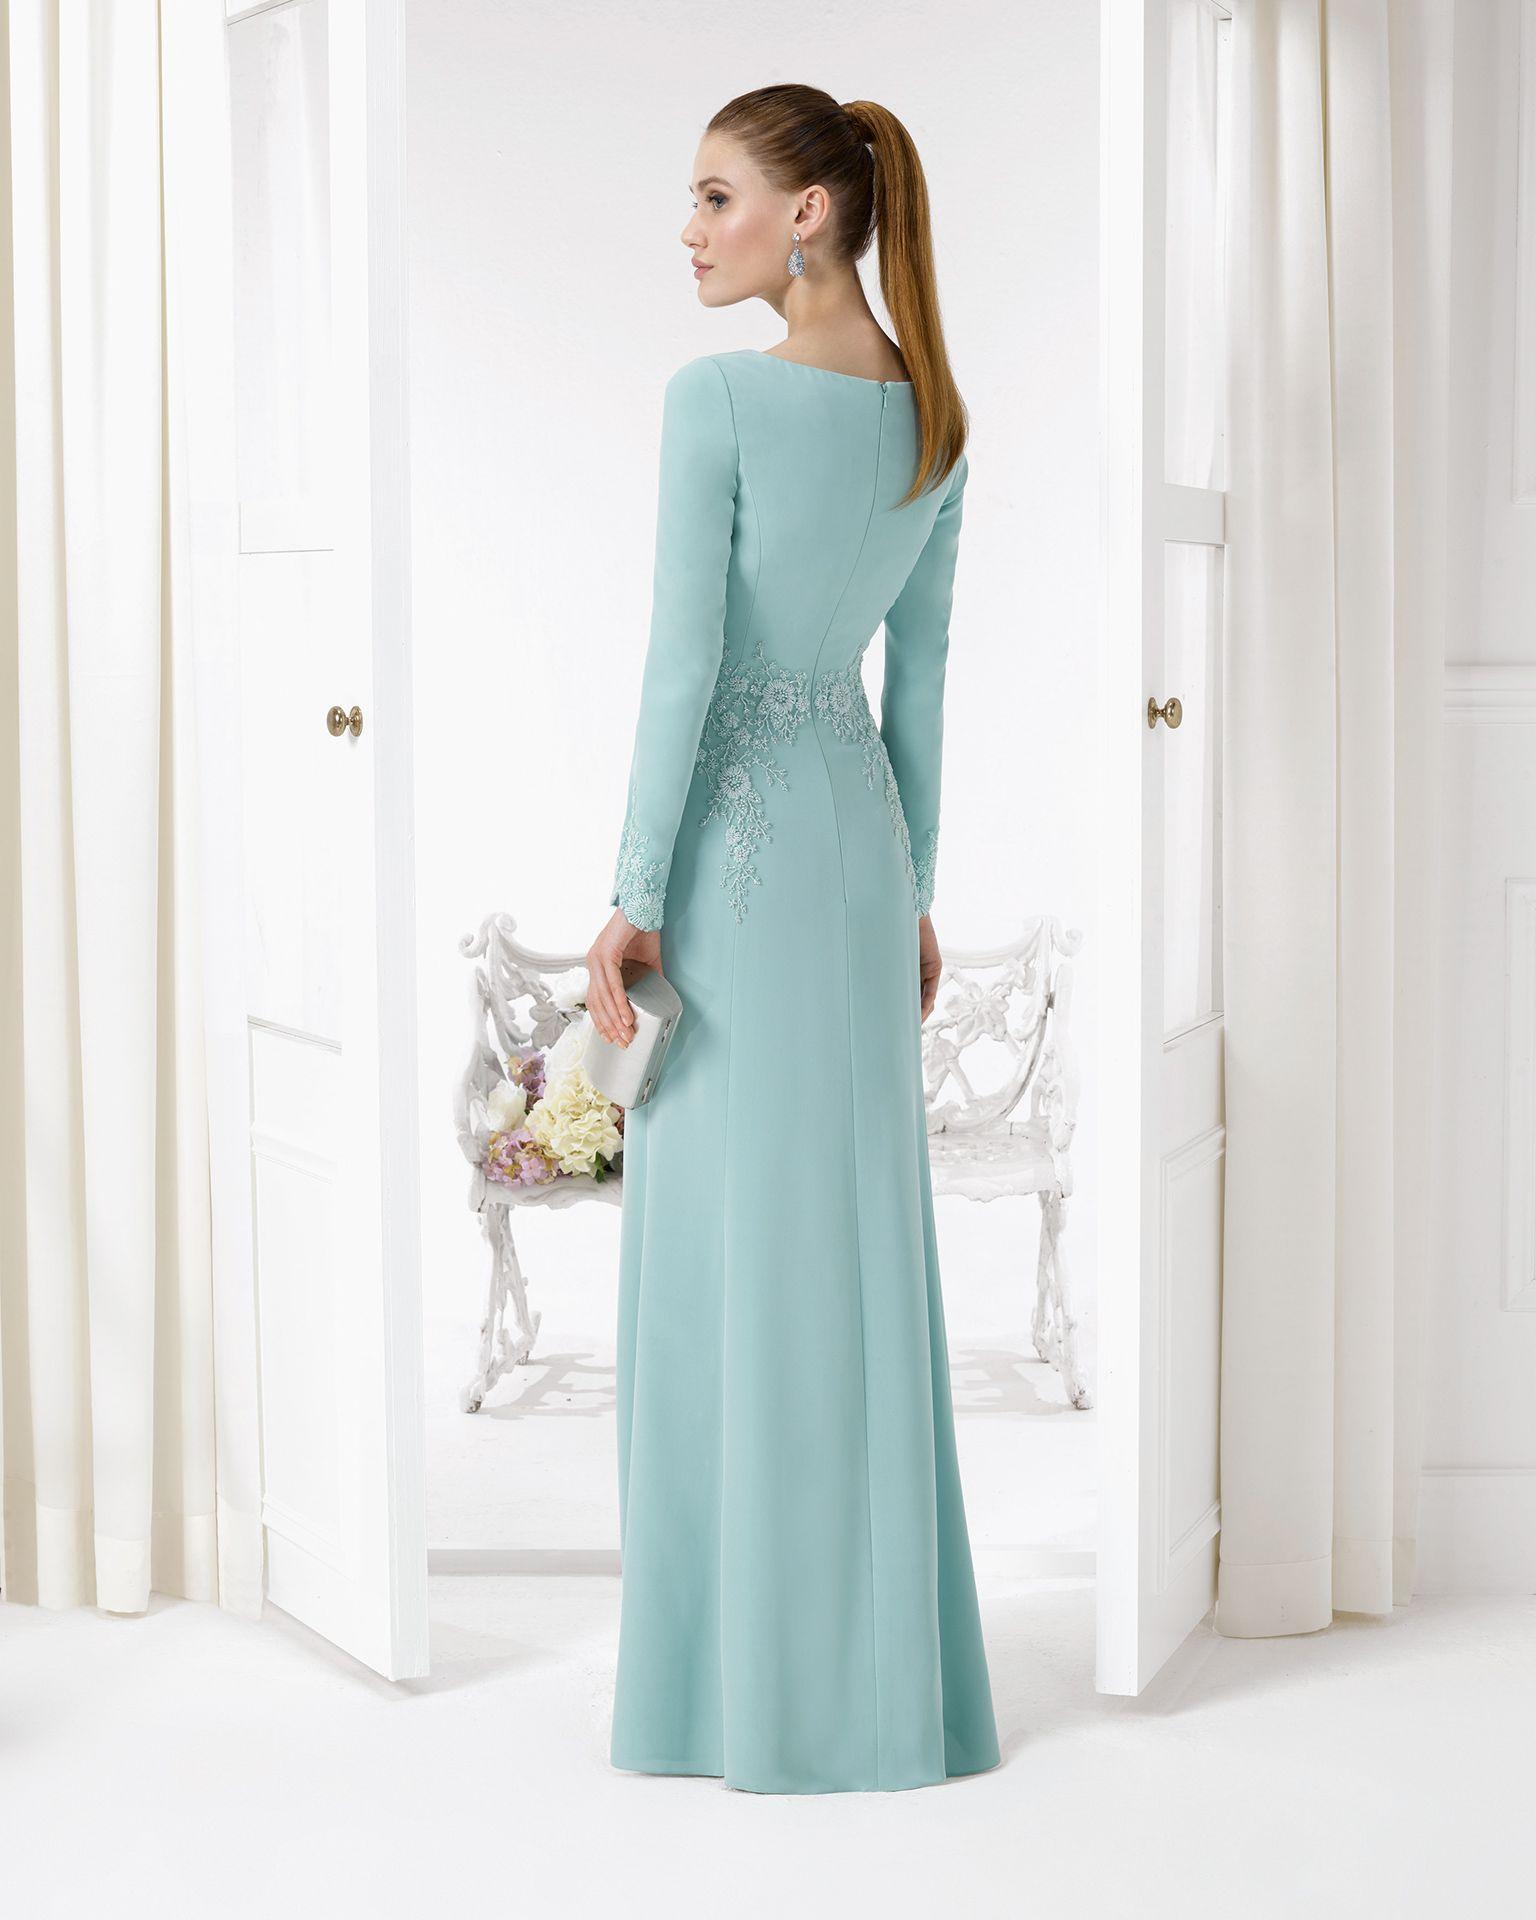 9U156 vestido de fiesta en crepe y pedreria. | mcpc | Pinterest ...